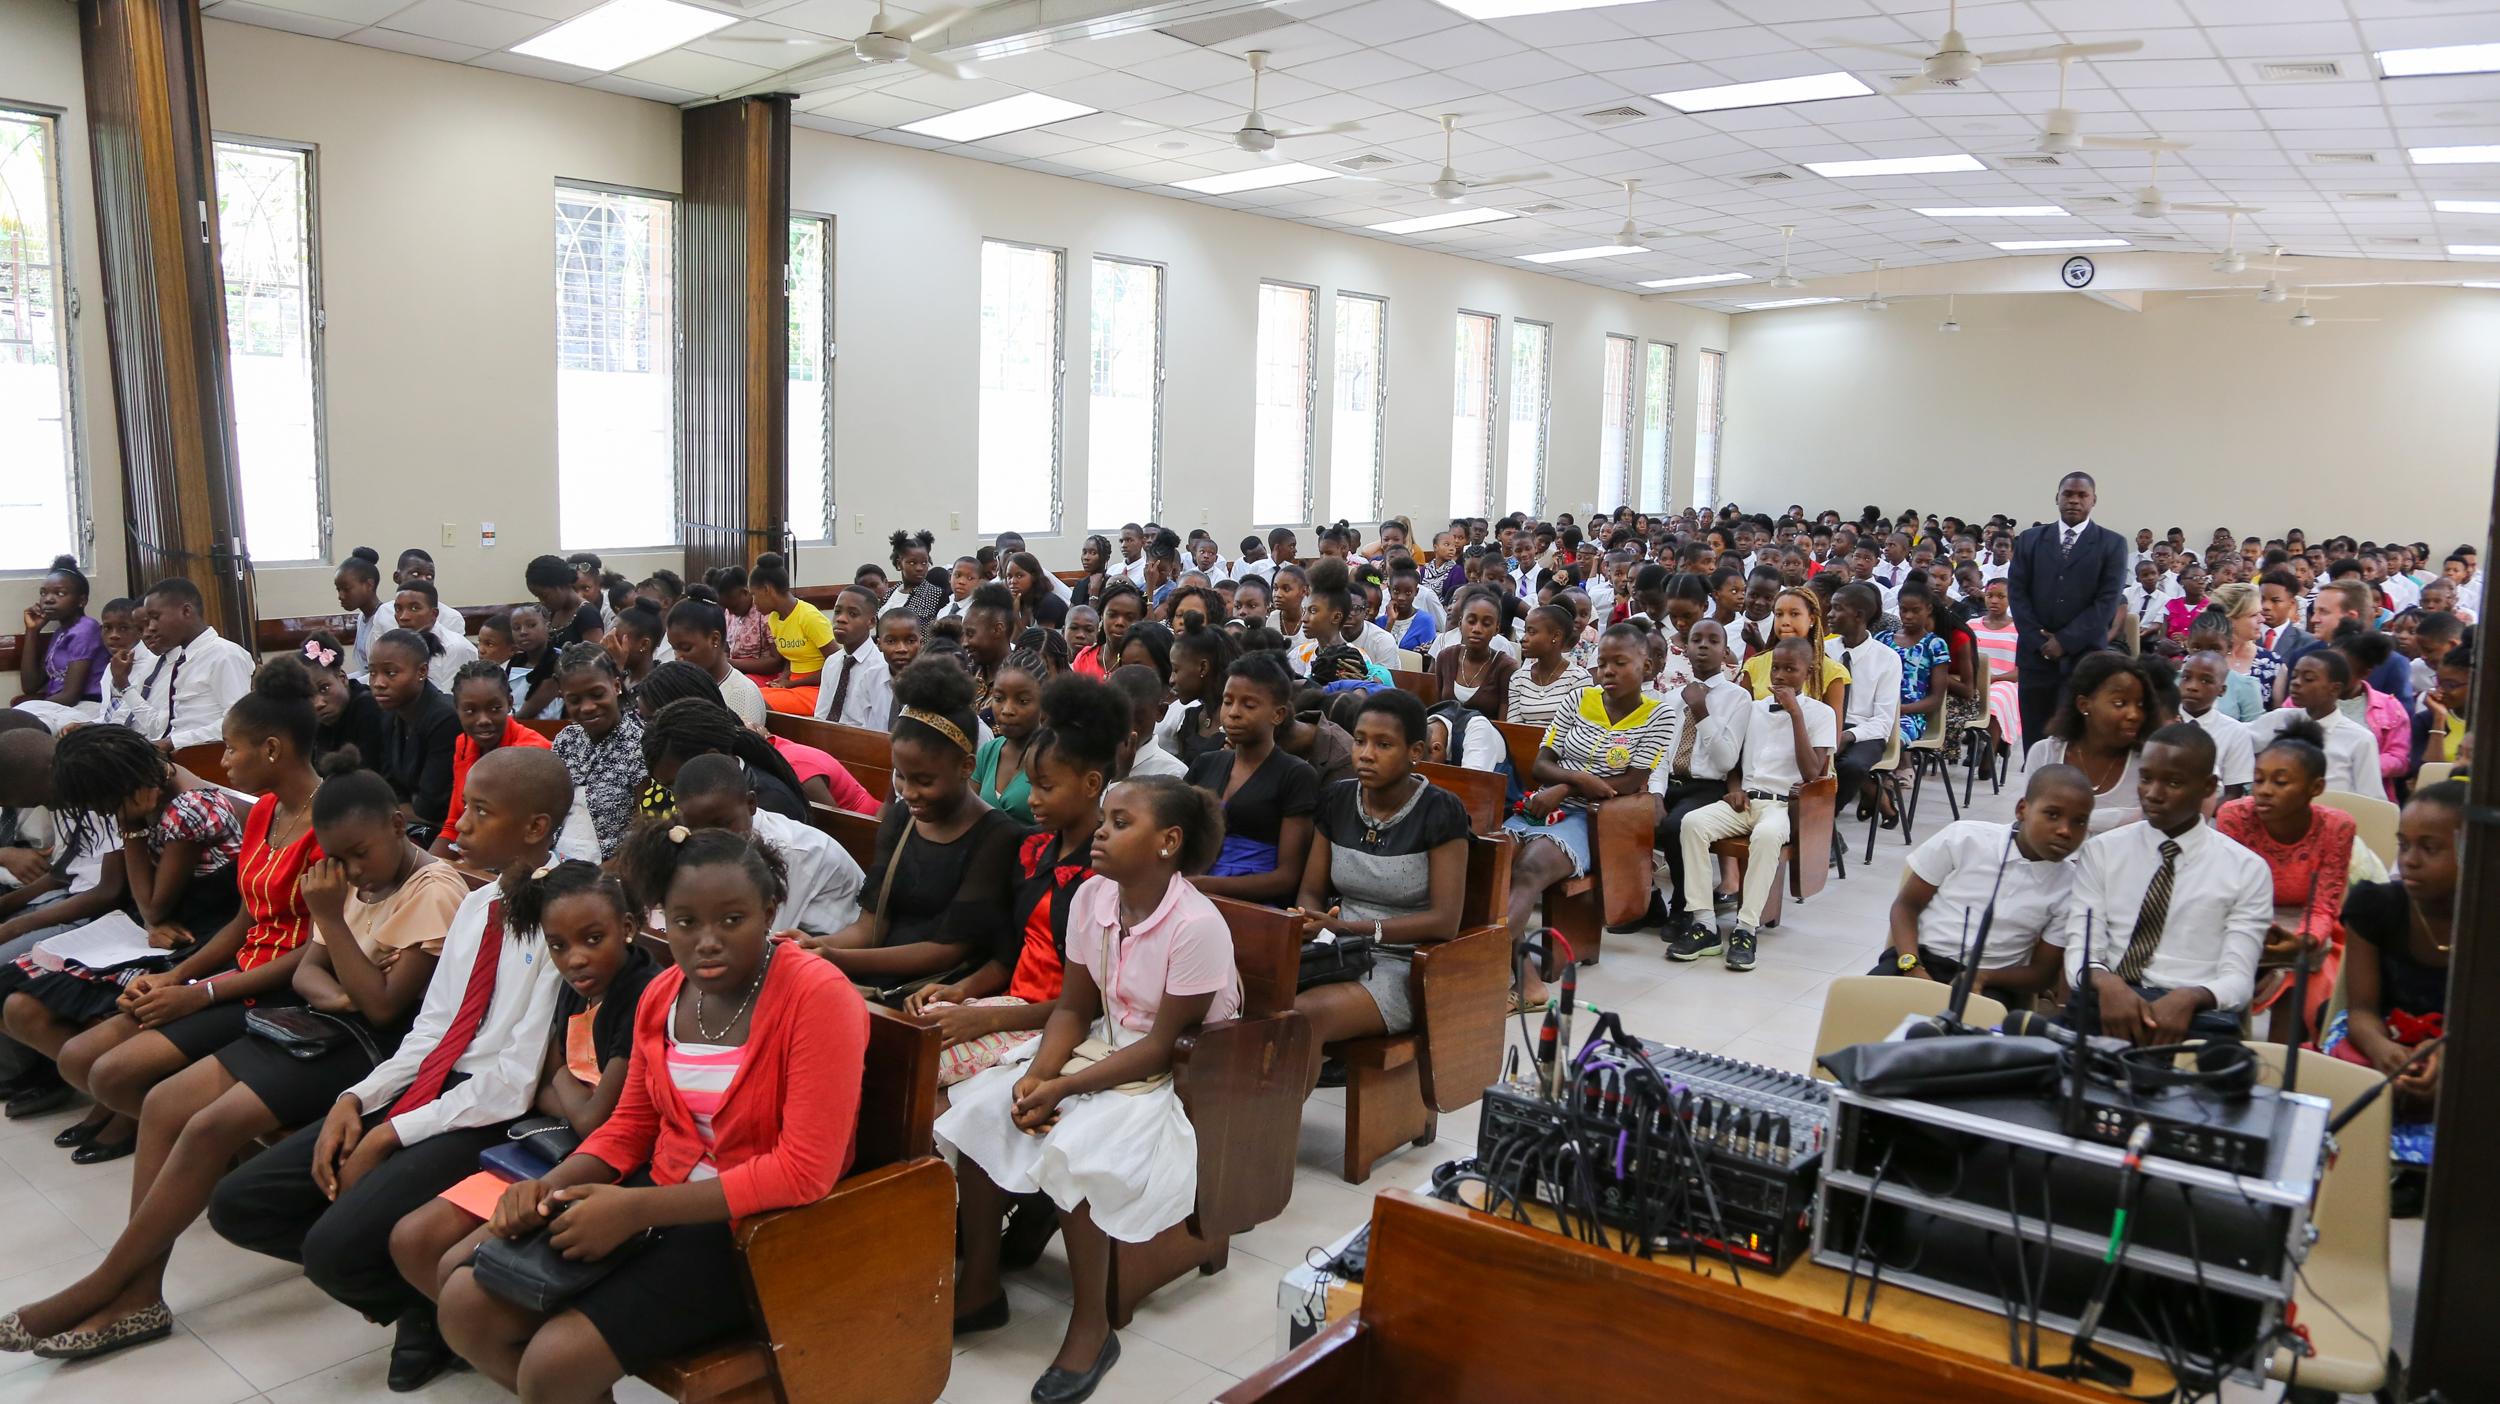 Cientos de jóvenes se amontonan en un centro de estaca de Puerto Príncipe, Haití, el 31 de agosto de 2019, previo al devocional para jóvenes en el que participó el élder David A. Bednar.